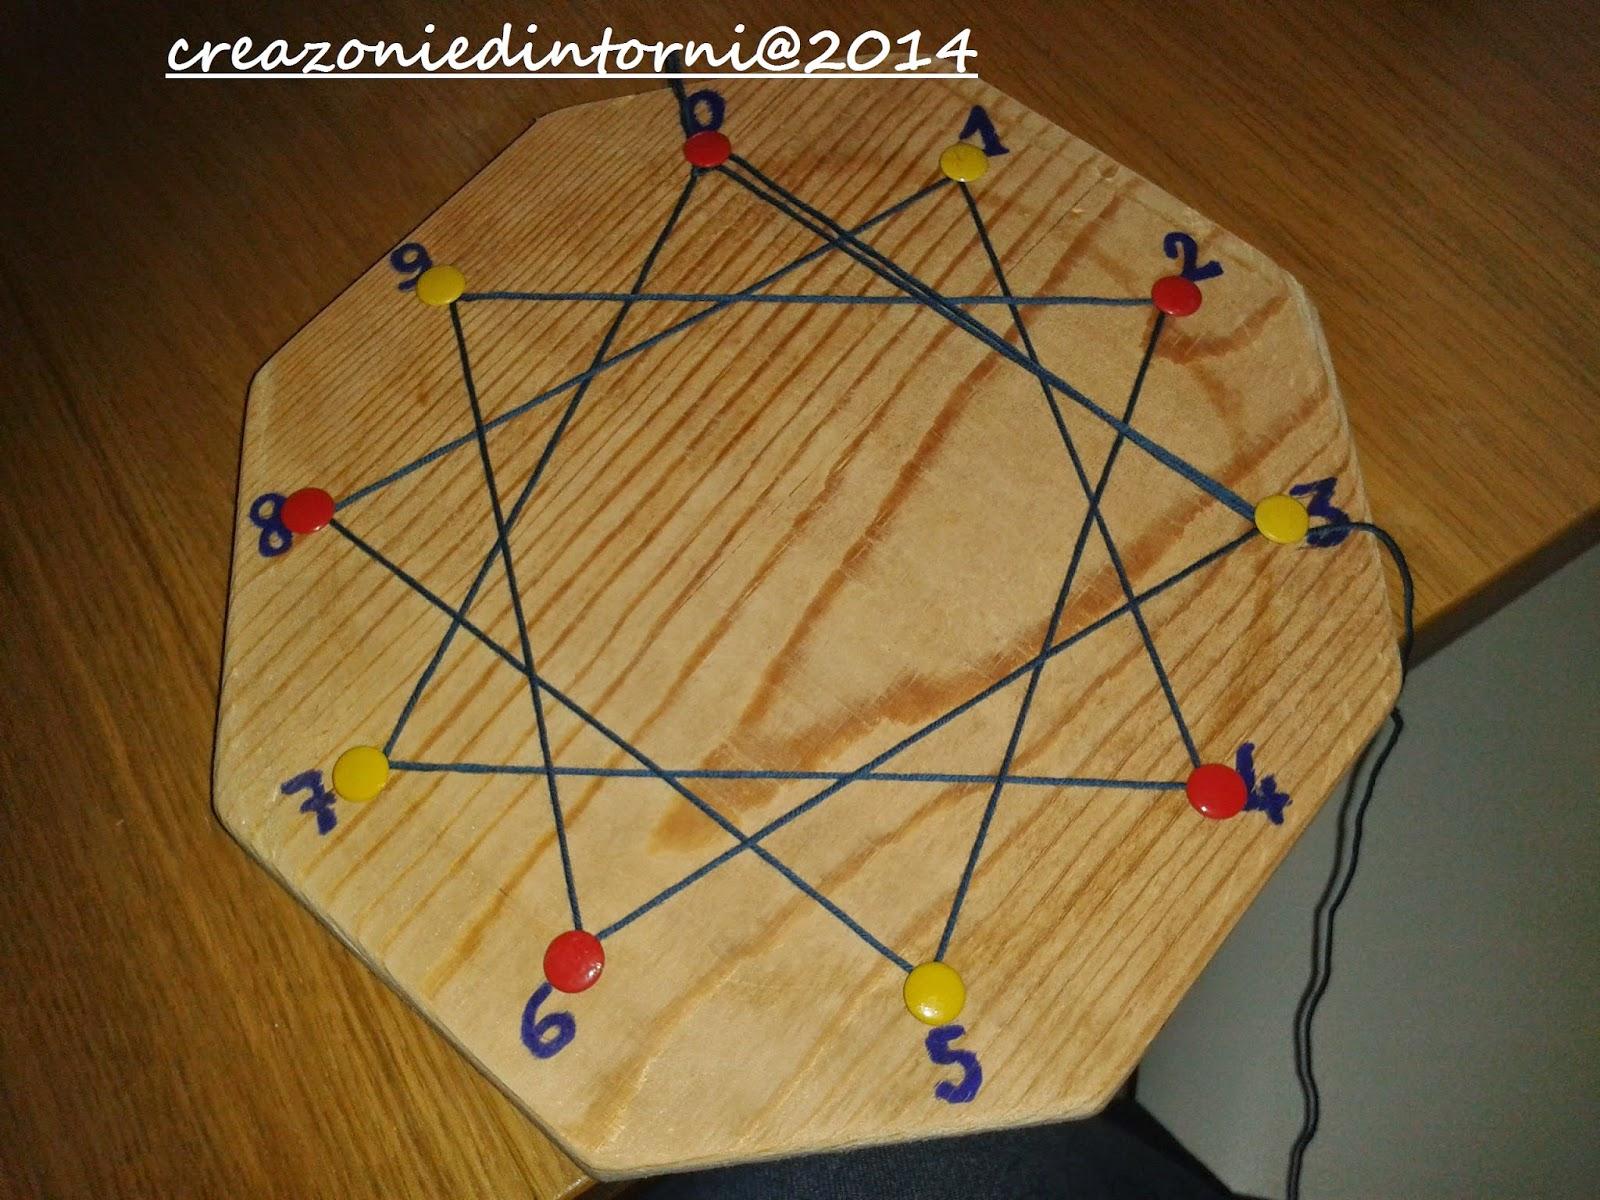 apprendre à compter avec la méthode Montessori